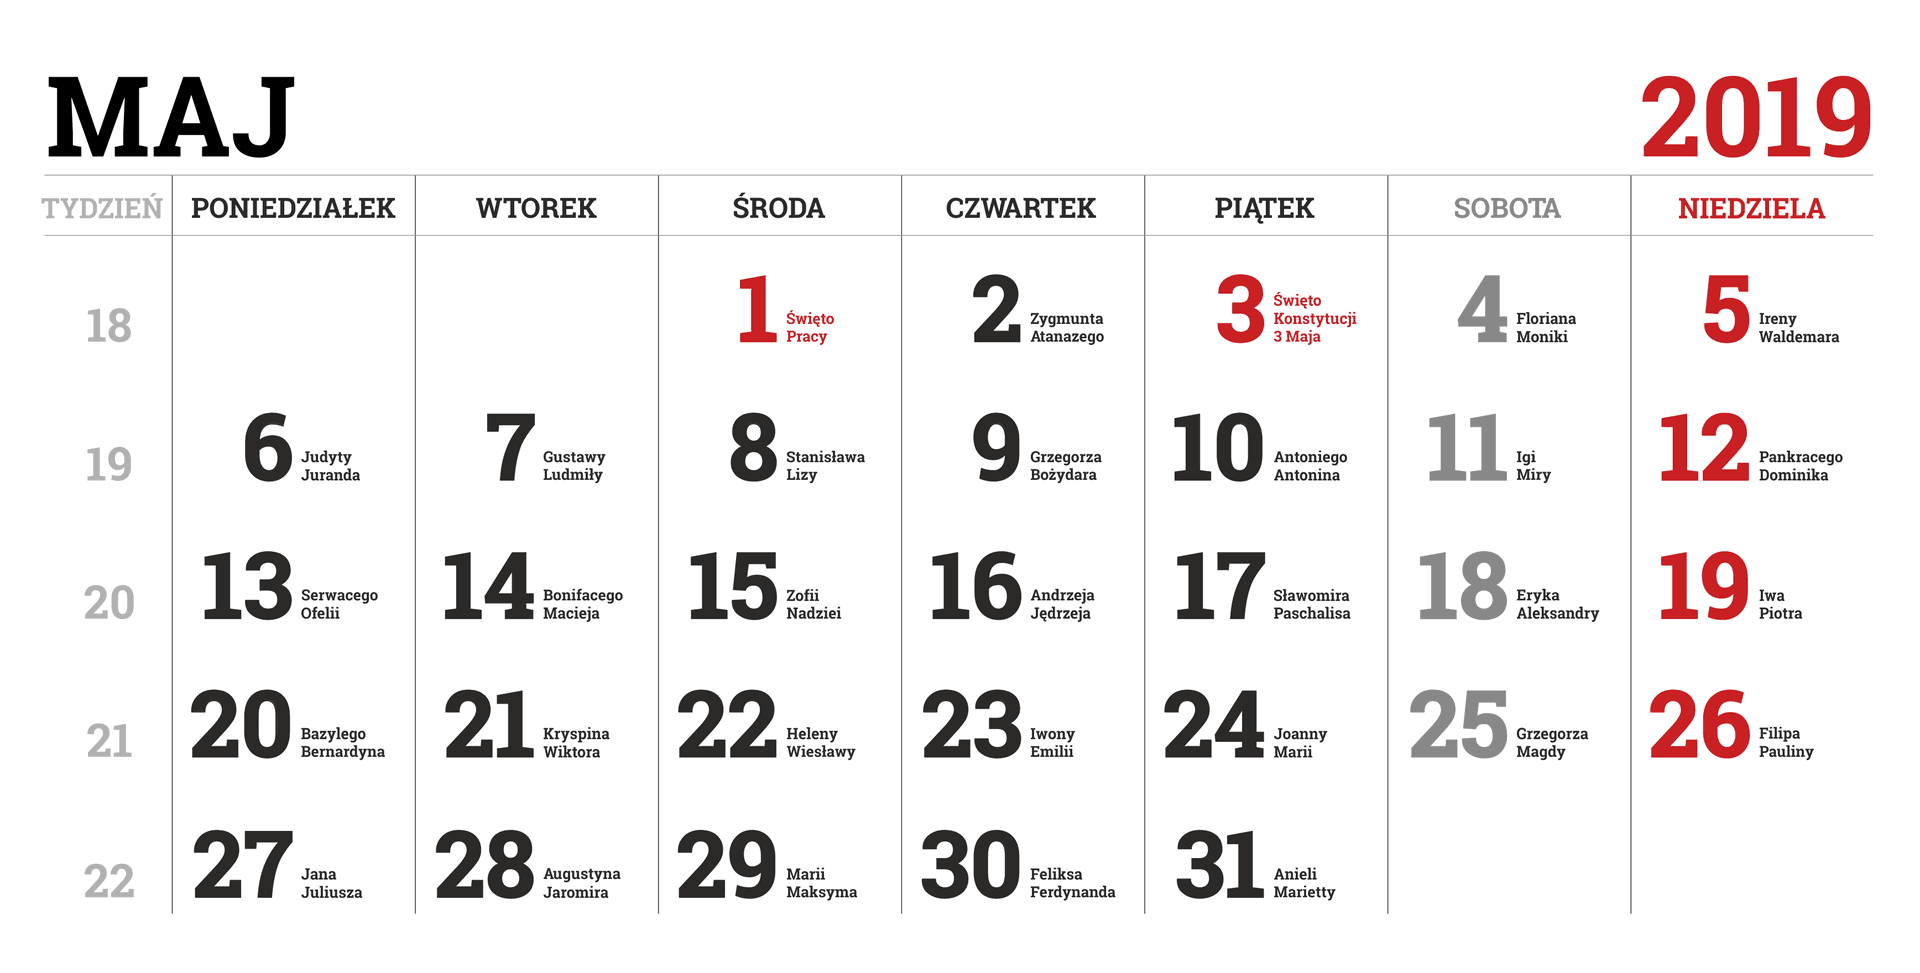 Kalendarium miesiąca maja 2019 roku